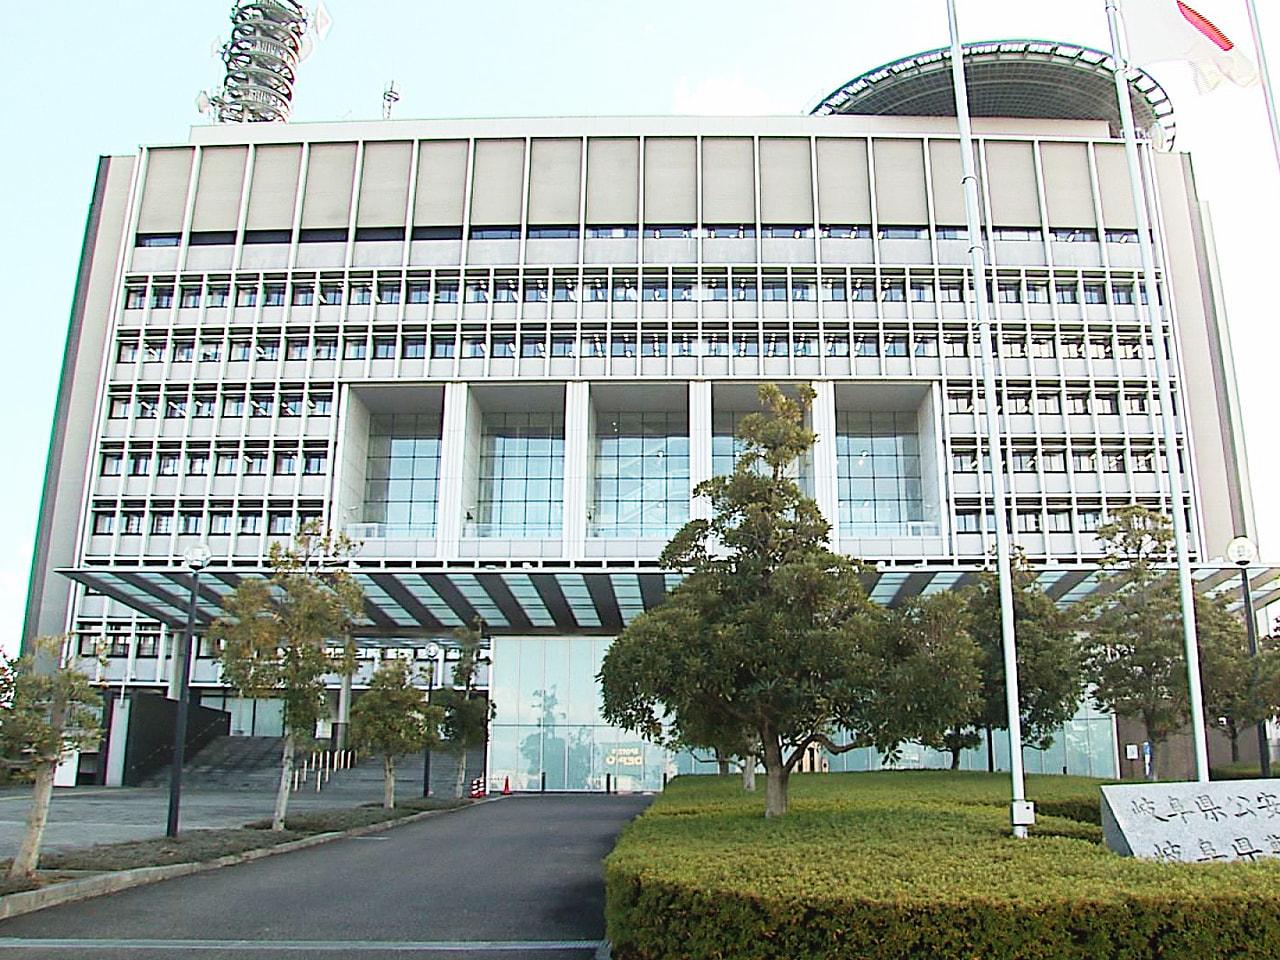 岐阜県で交通死亡事故が多発していることを受けて、県警は交差点での監視を強化するな...